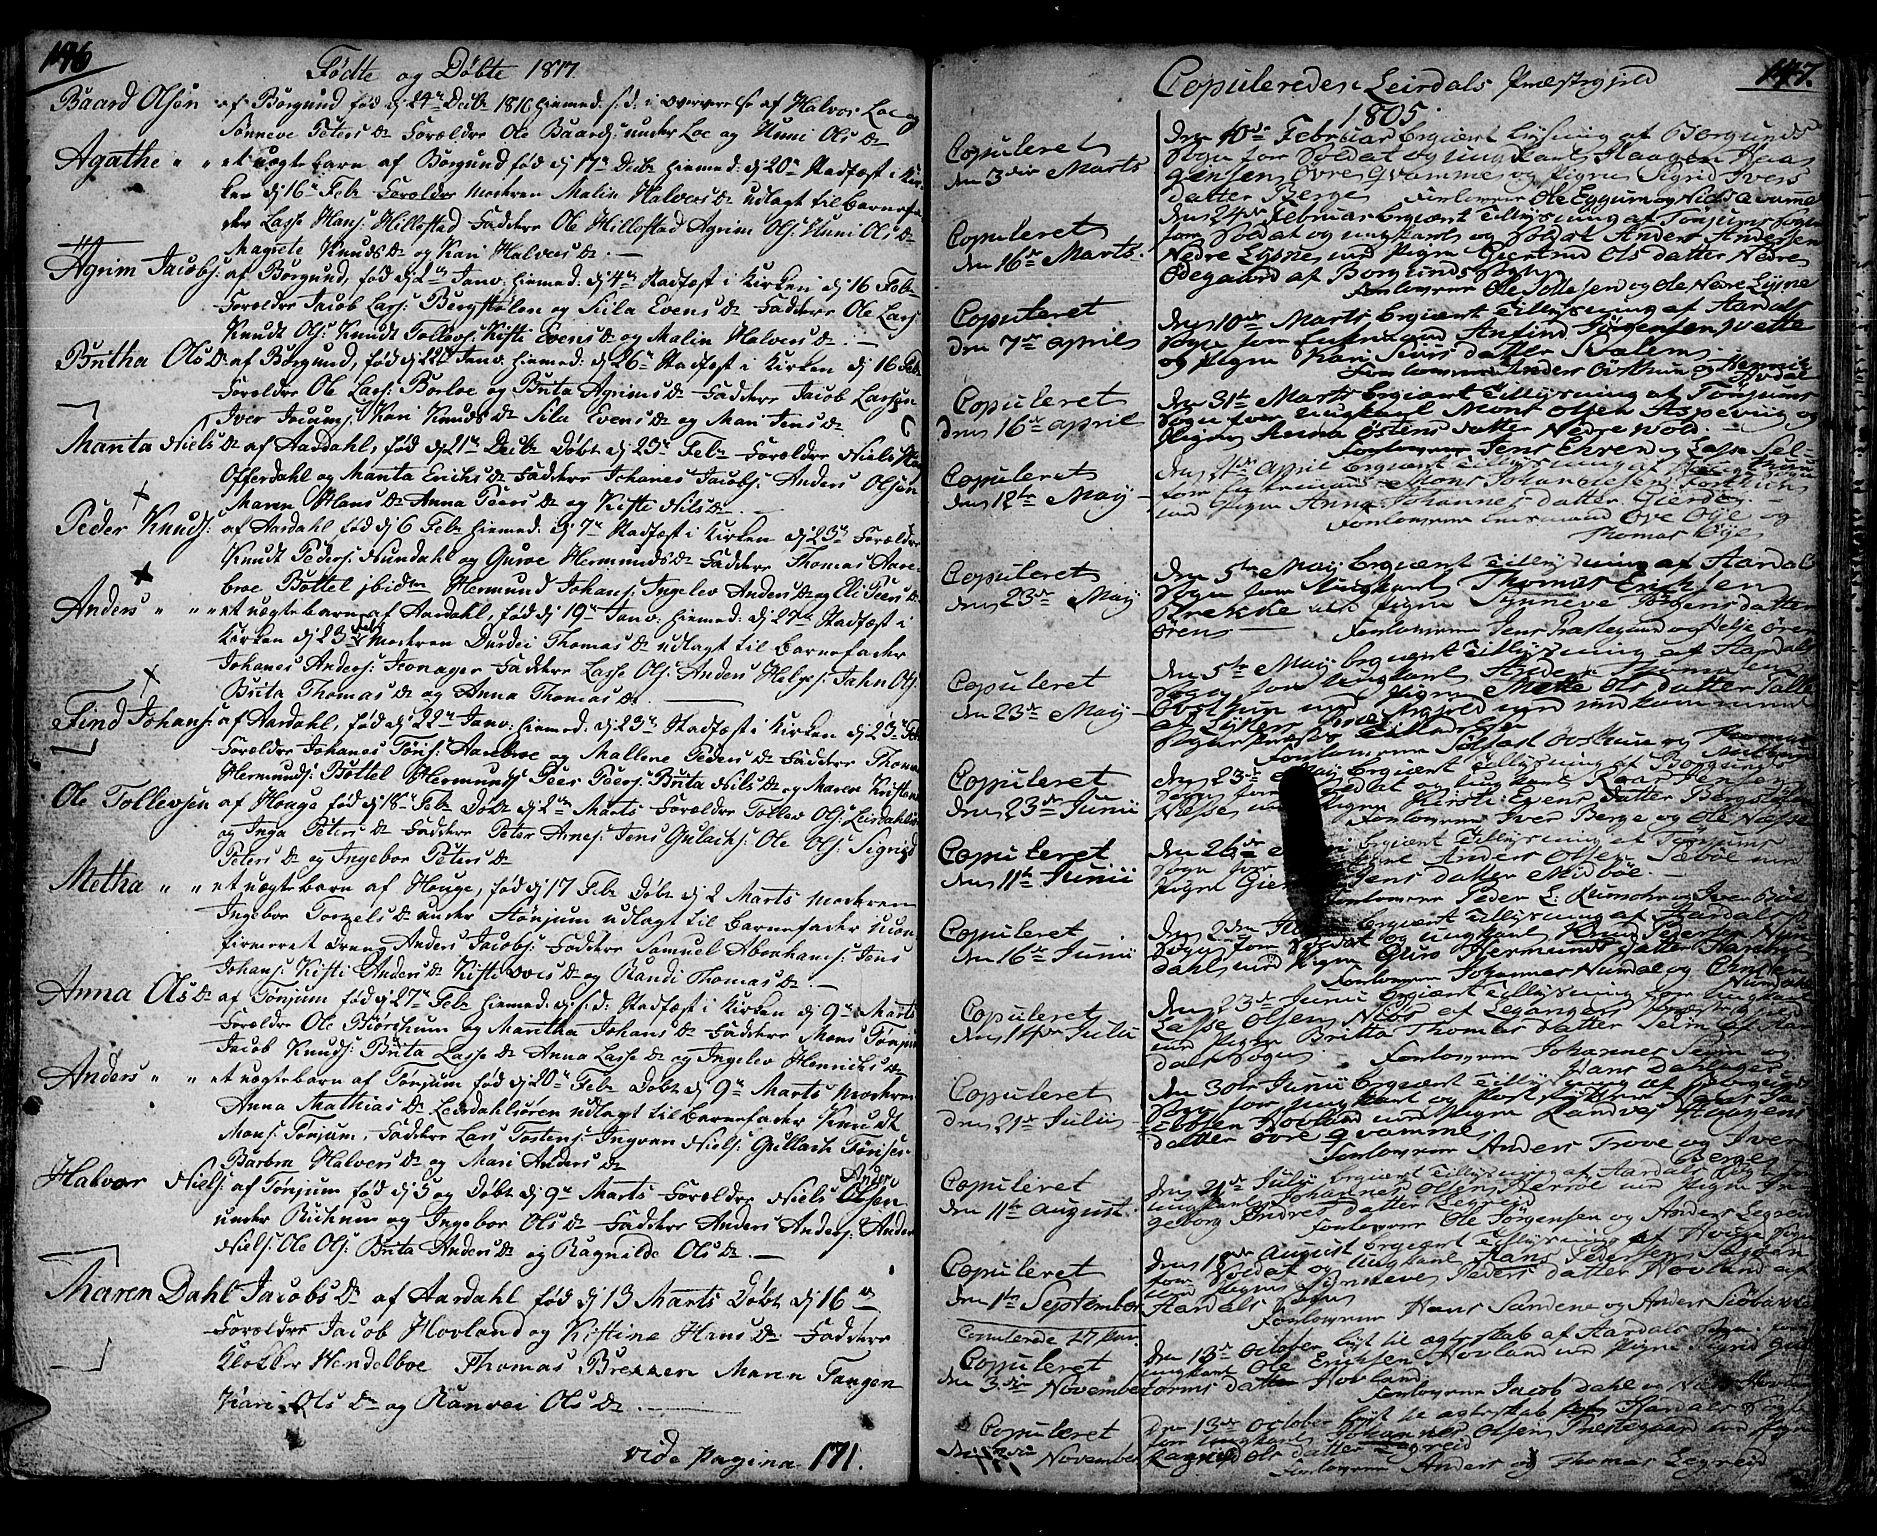 SAB, Lærdal sokneprestembete, Ministerialbok nr. A 4, 1805-1821, s. 146-147